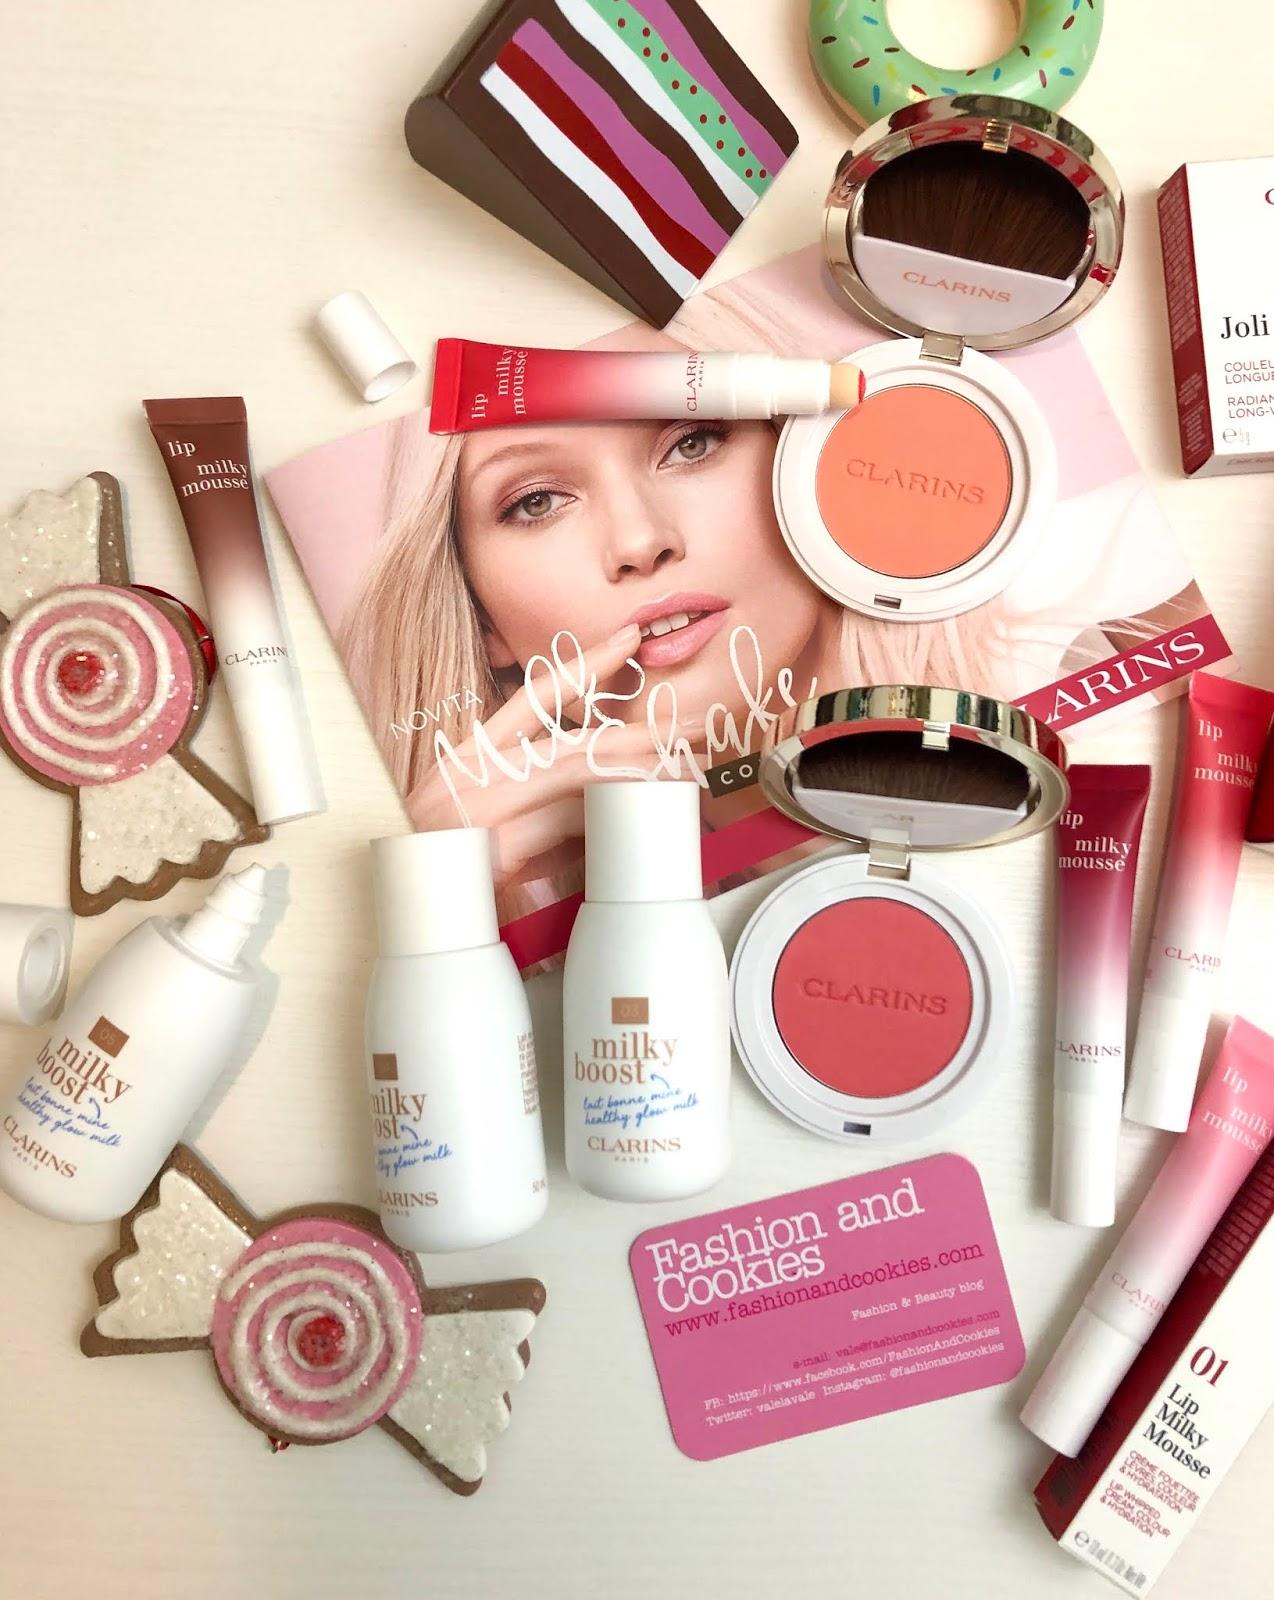 Collezione Clarins MilkShake per la Primavera 2020: perché sceglierla su Fashion and Cookies fashion blog